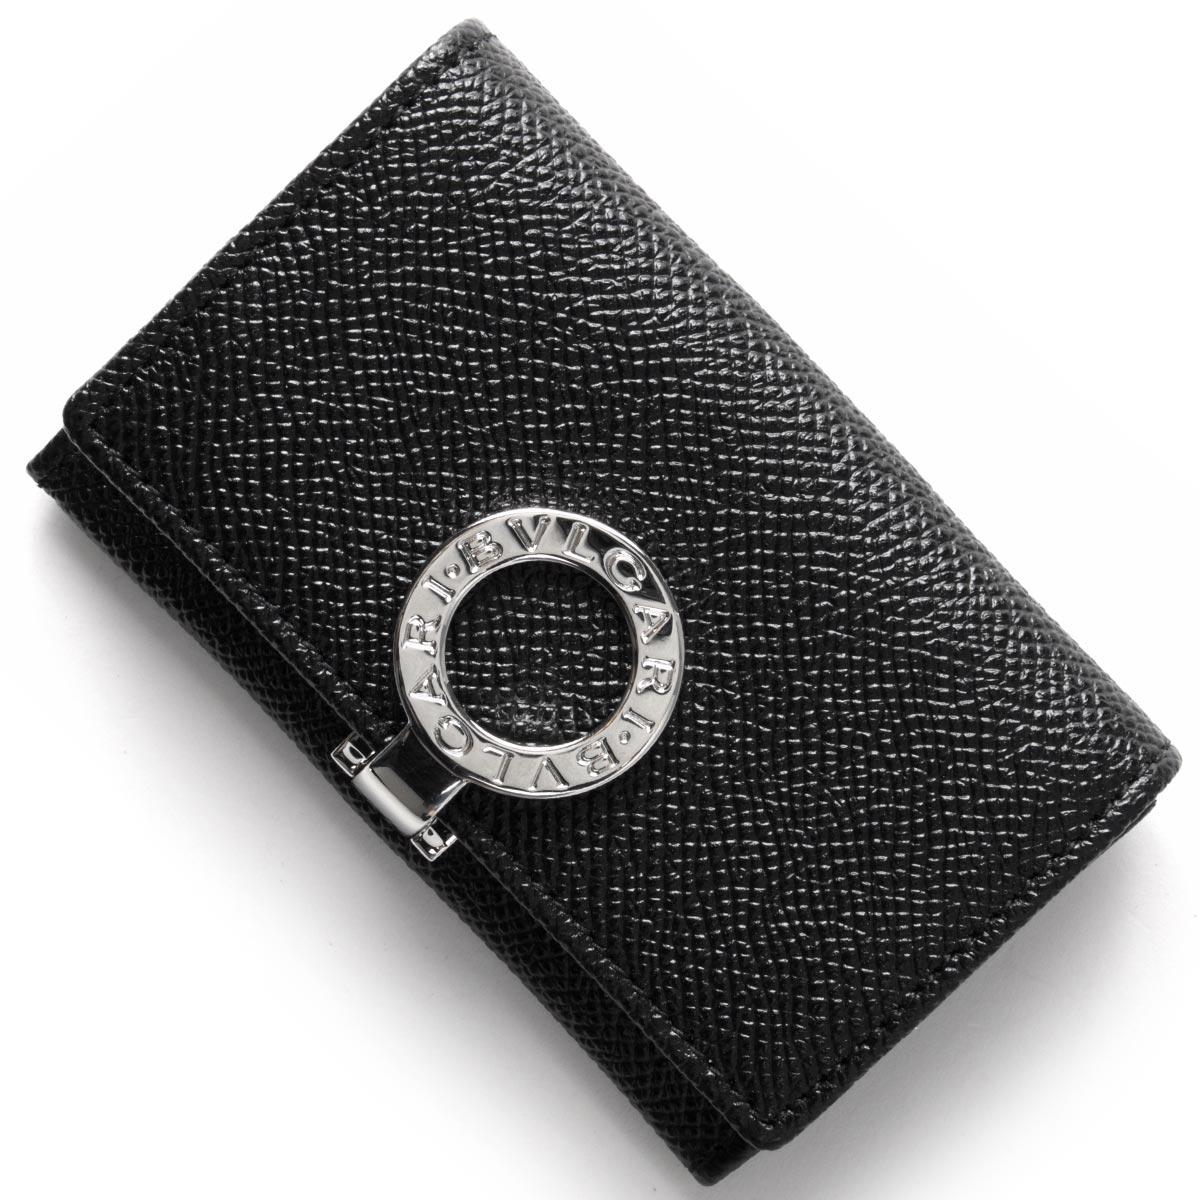 ブルガリ コインケース【小銭入れ】 財布 メンズ ブルガリブルガリ BB ブラック 33749 BVLGARI